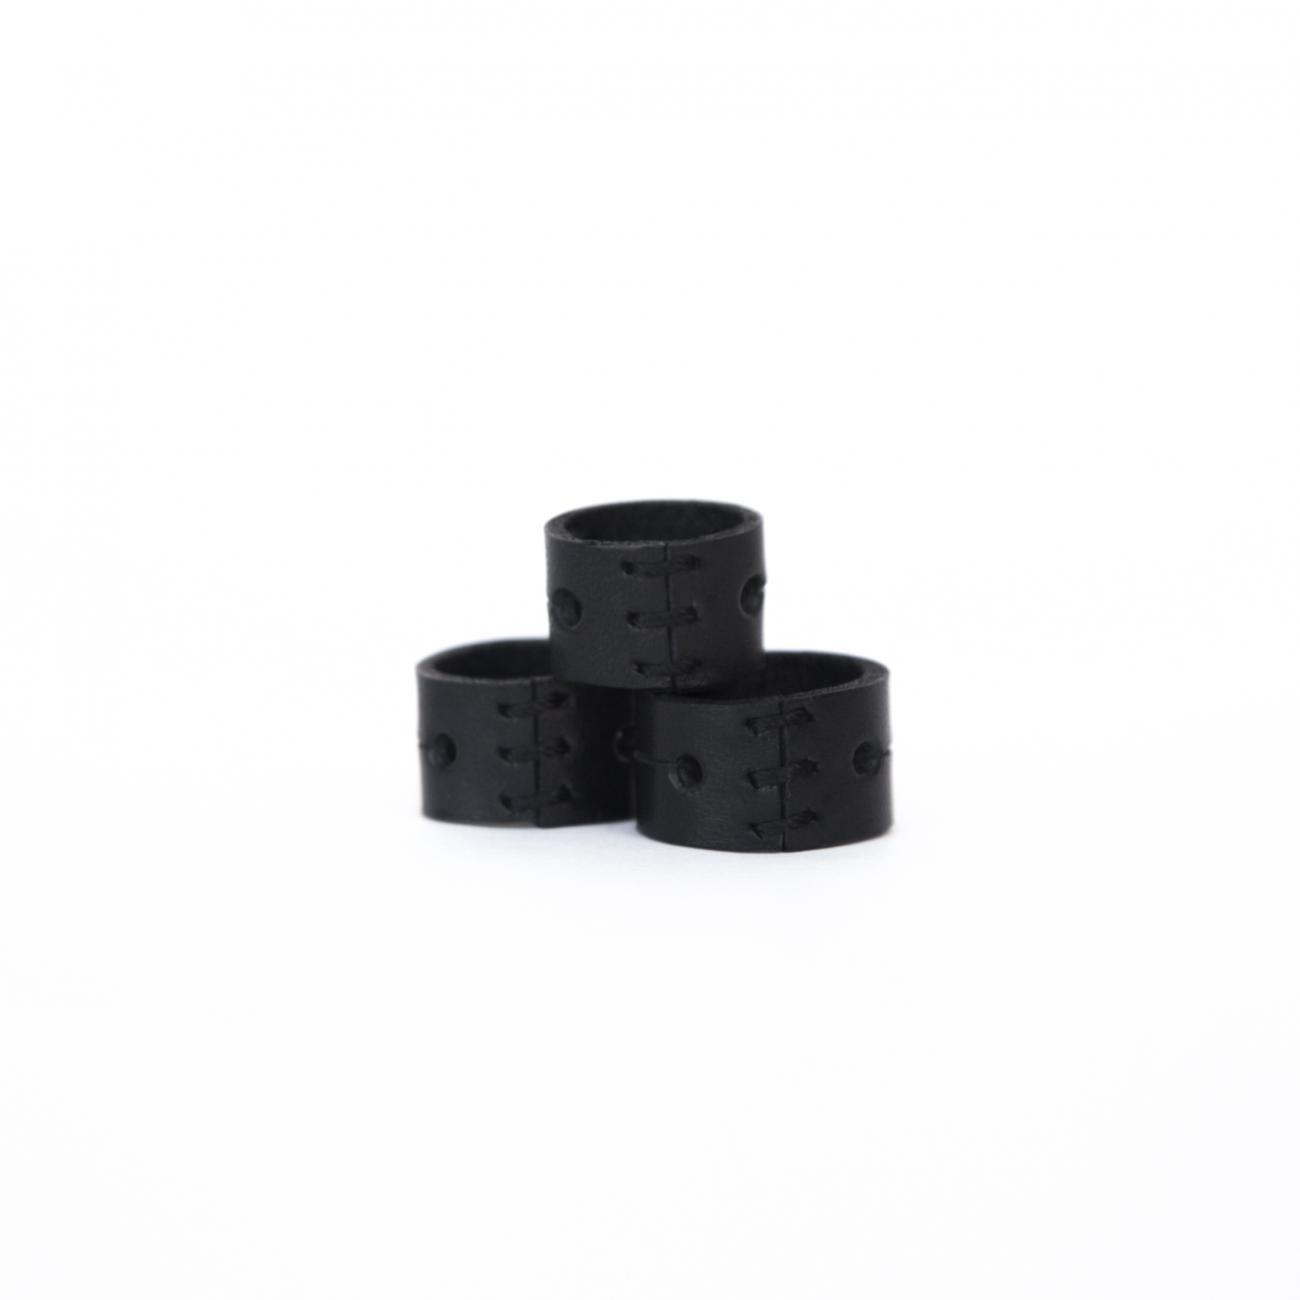 ring leather rings кольцо кожаное натуральная кожа кольца